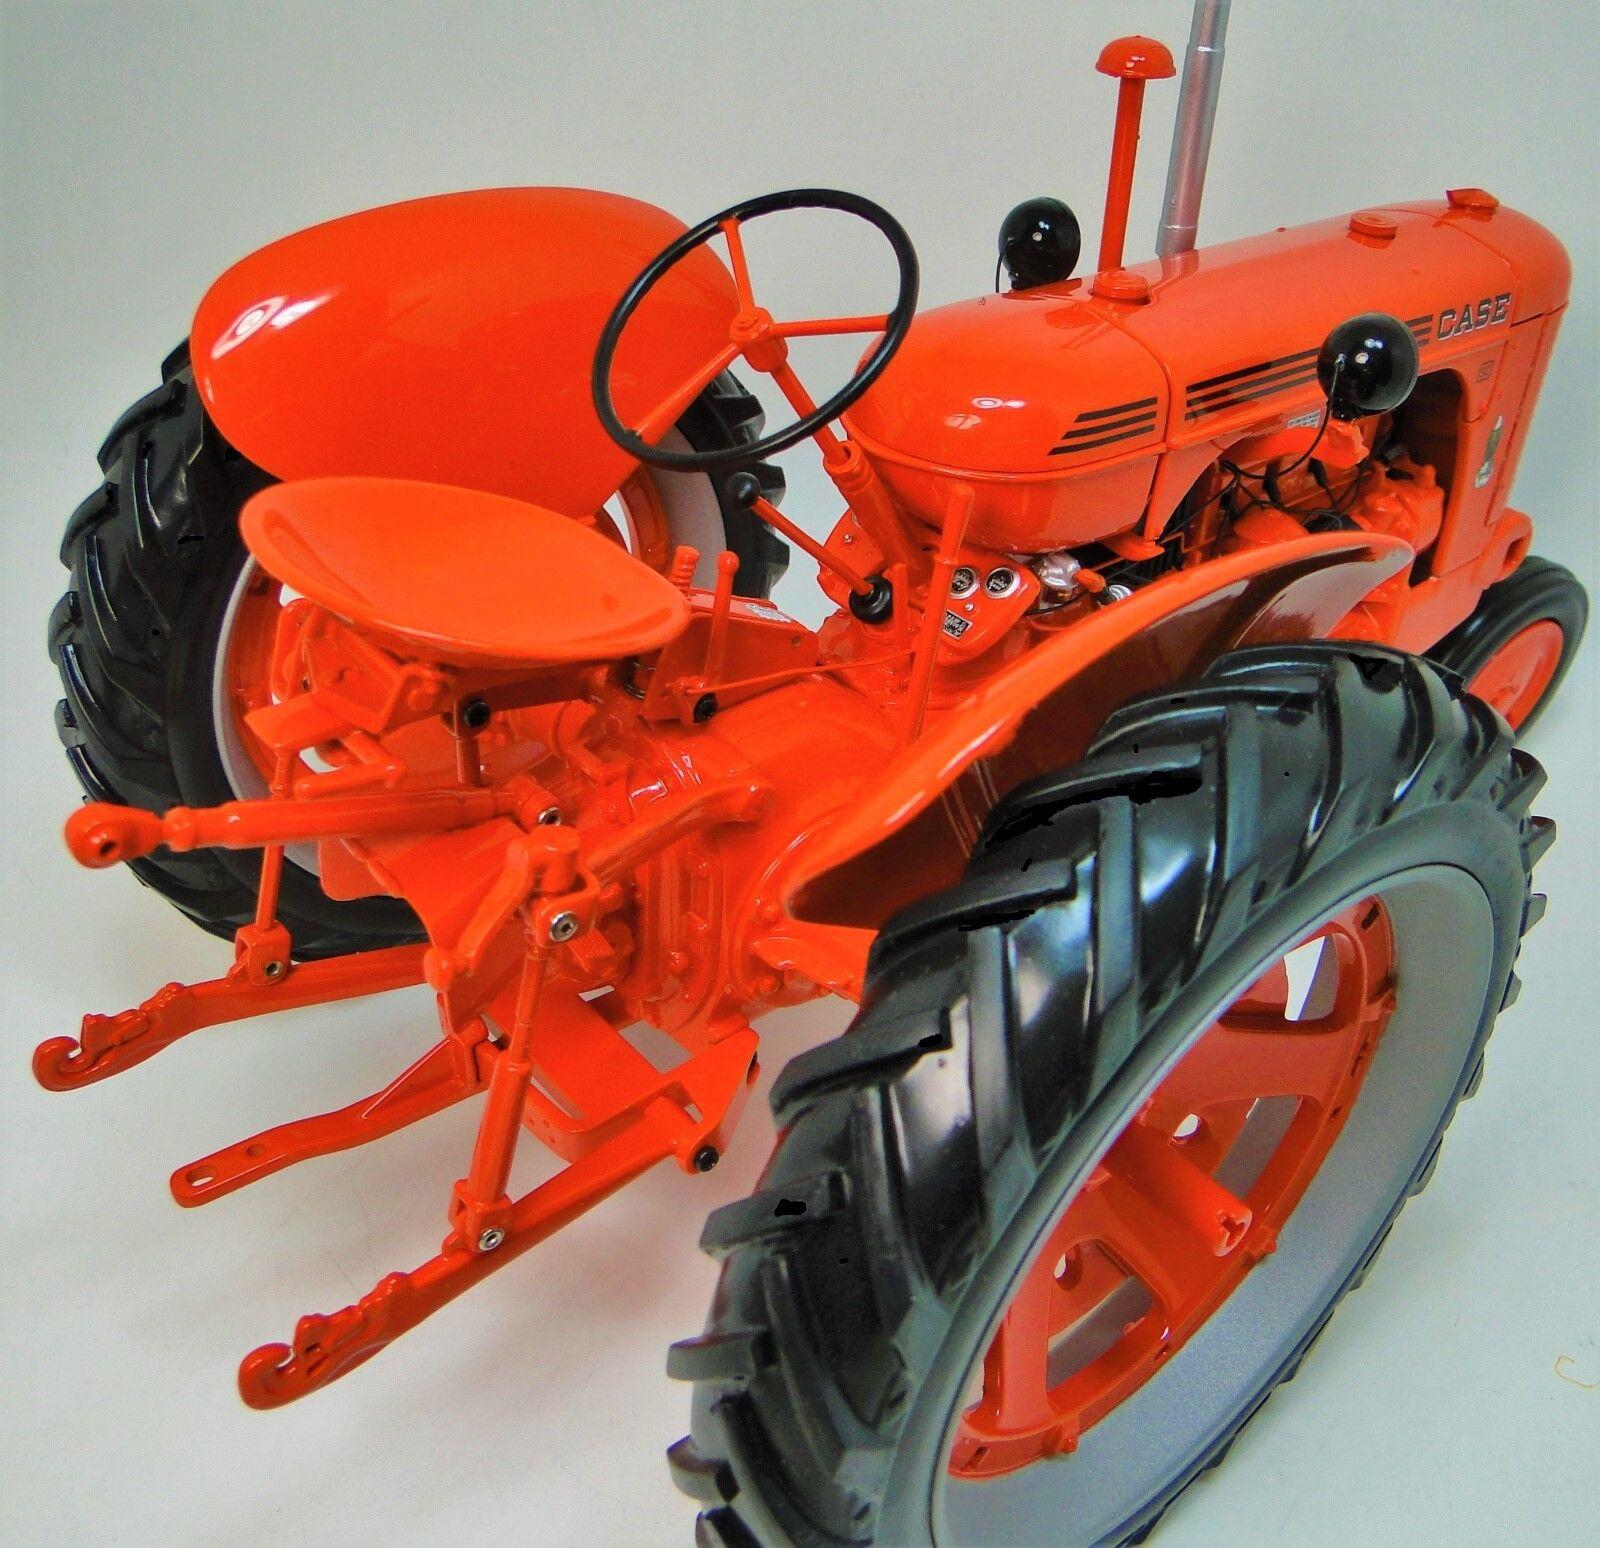 Caso Tractor de Granja 1s 1940s maquinaria Vintage 1 12 Diecast Modelo Sc